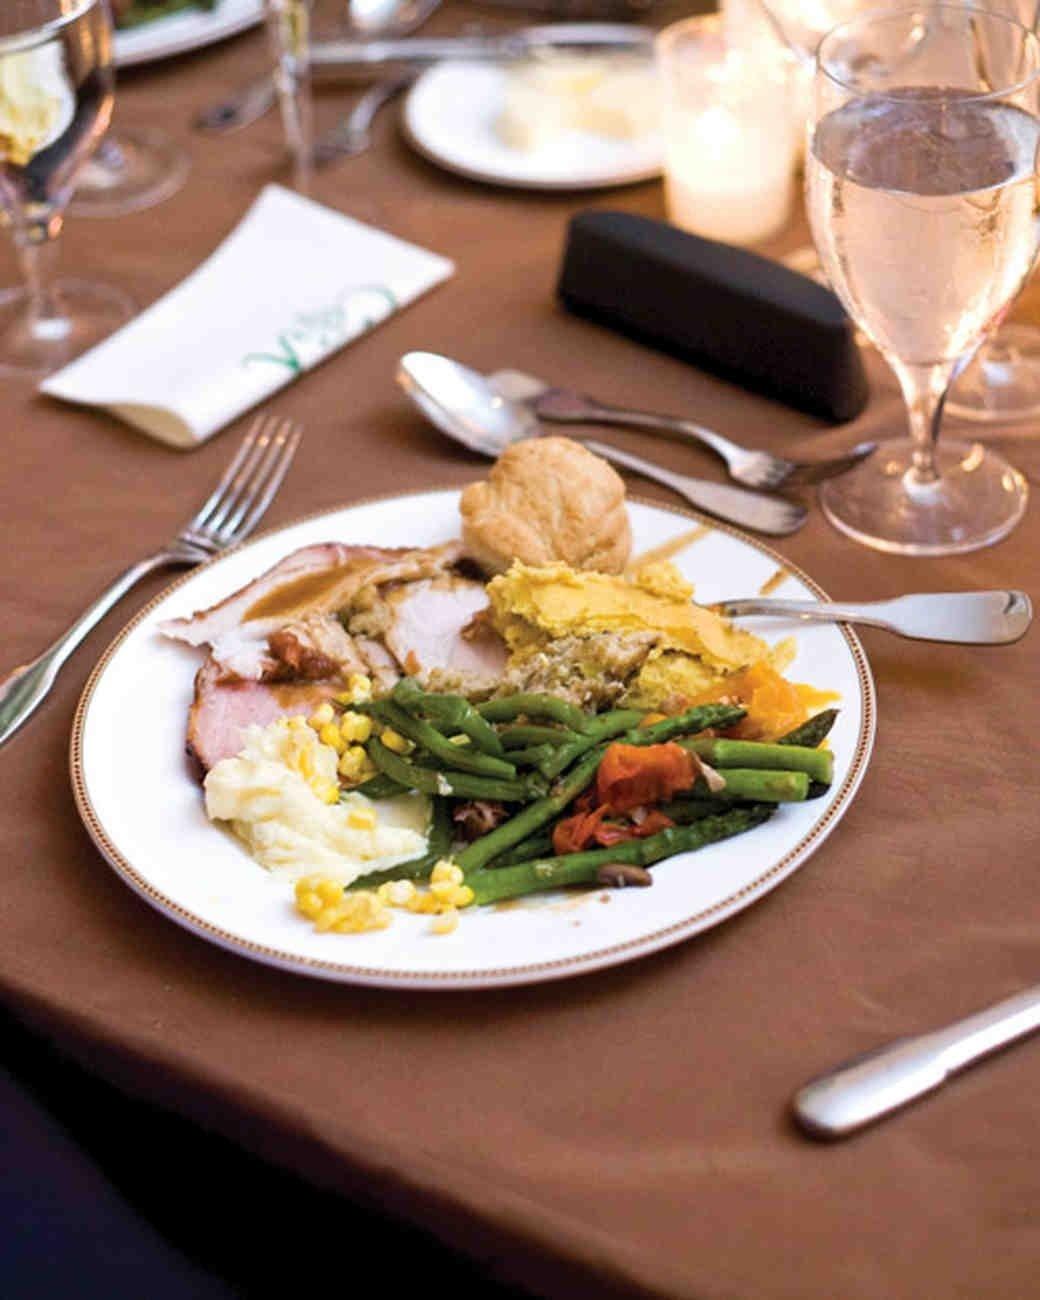 10 Fantastic Wedding Reception Food Menu Ideas beautiful wedding ideas 2018 site beautiful wedding ideas 2018 2021